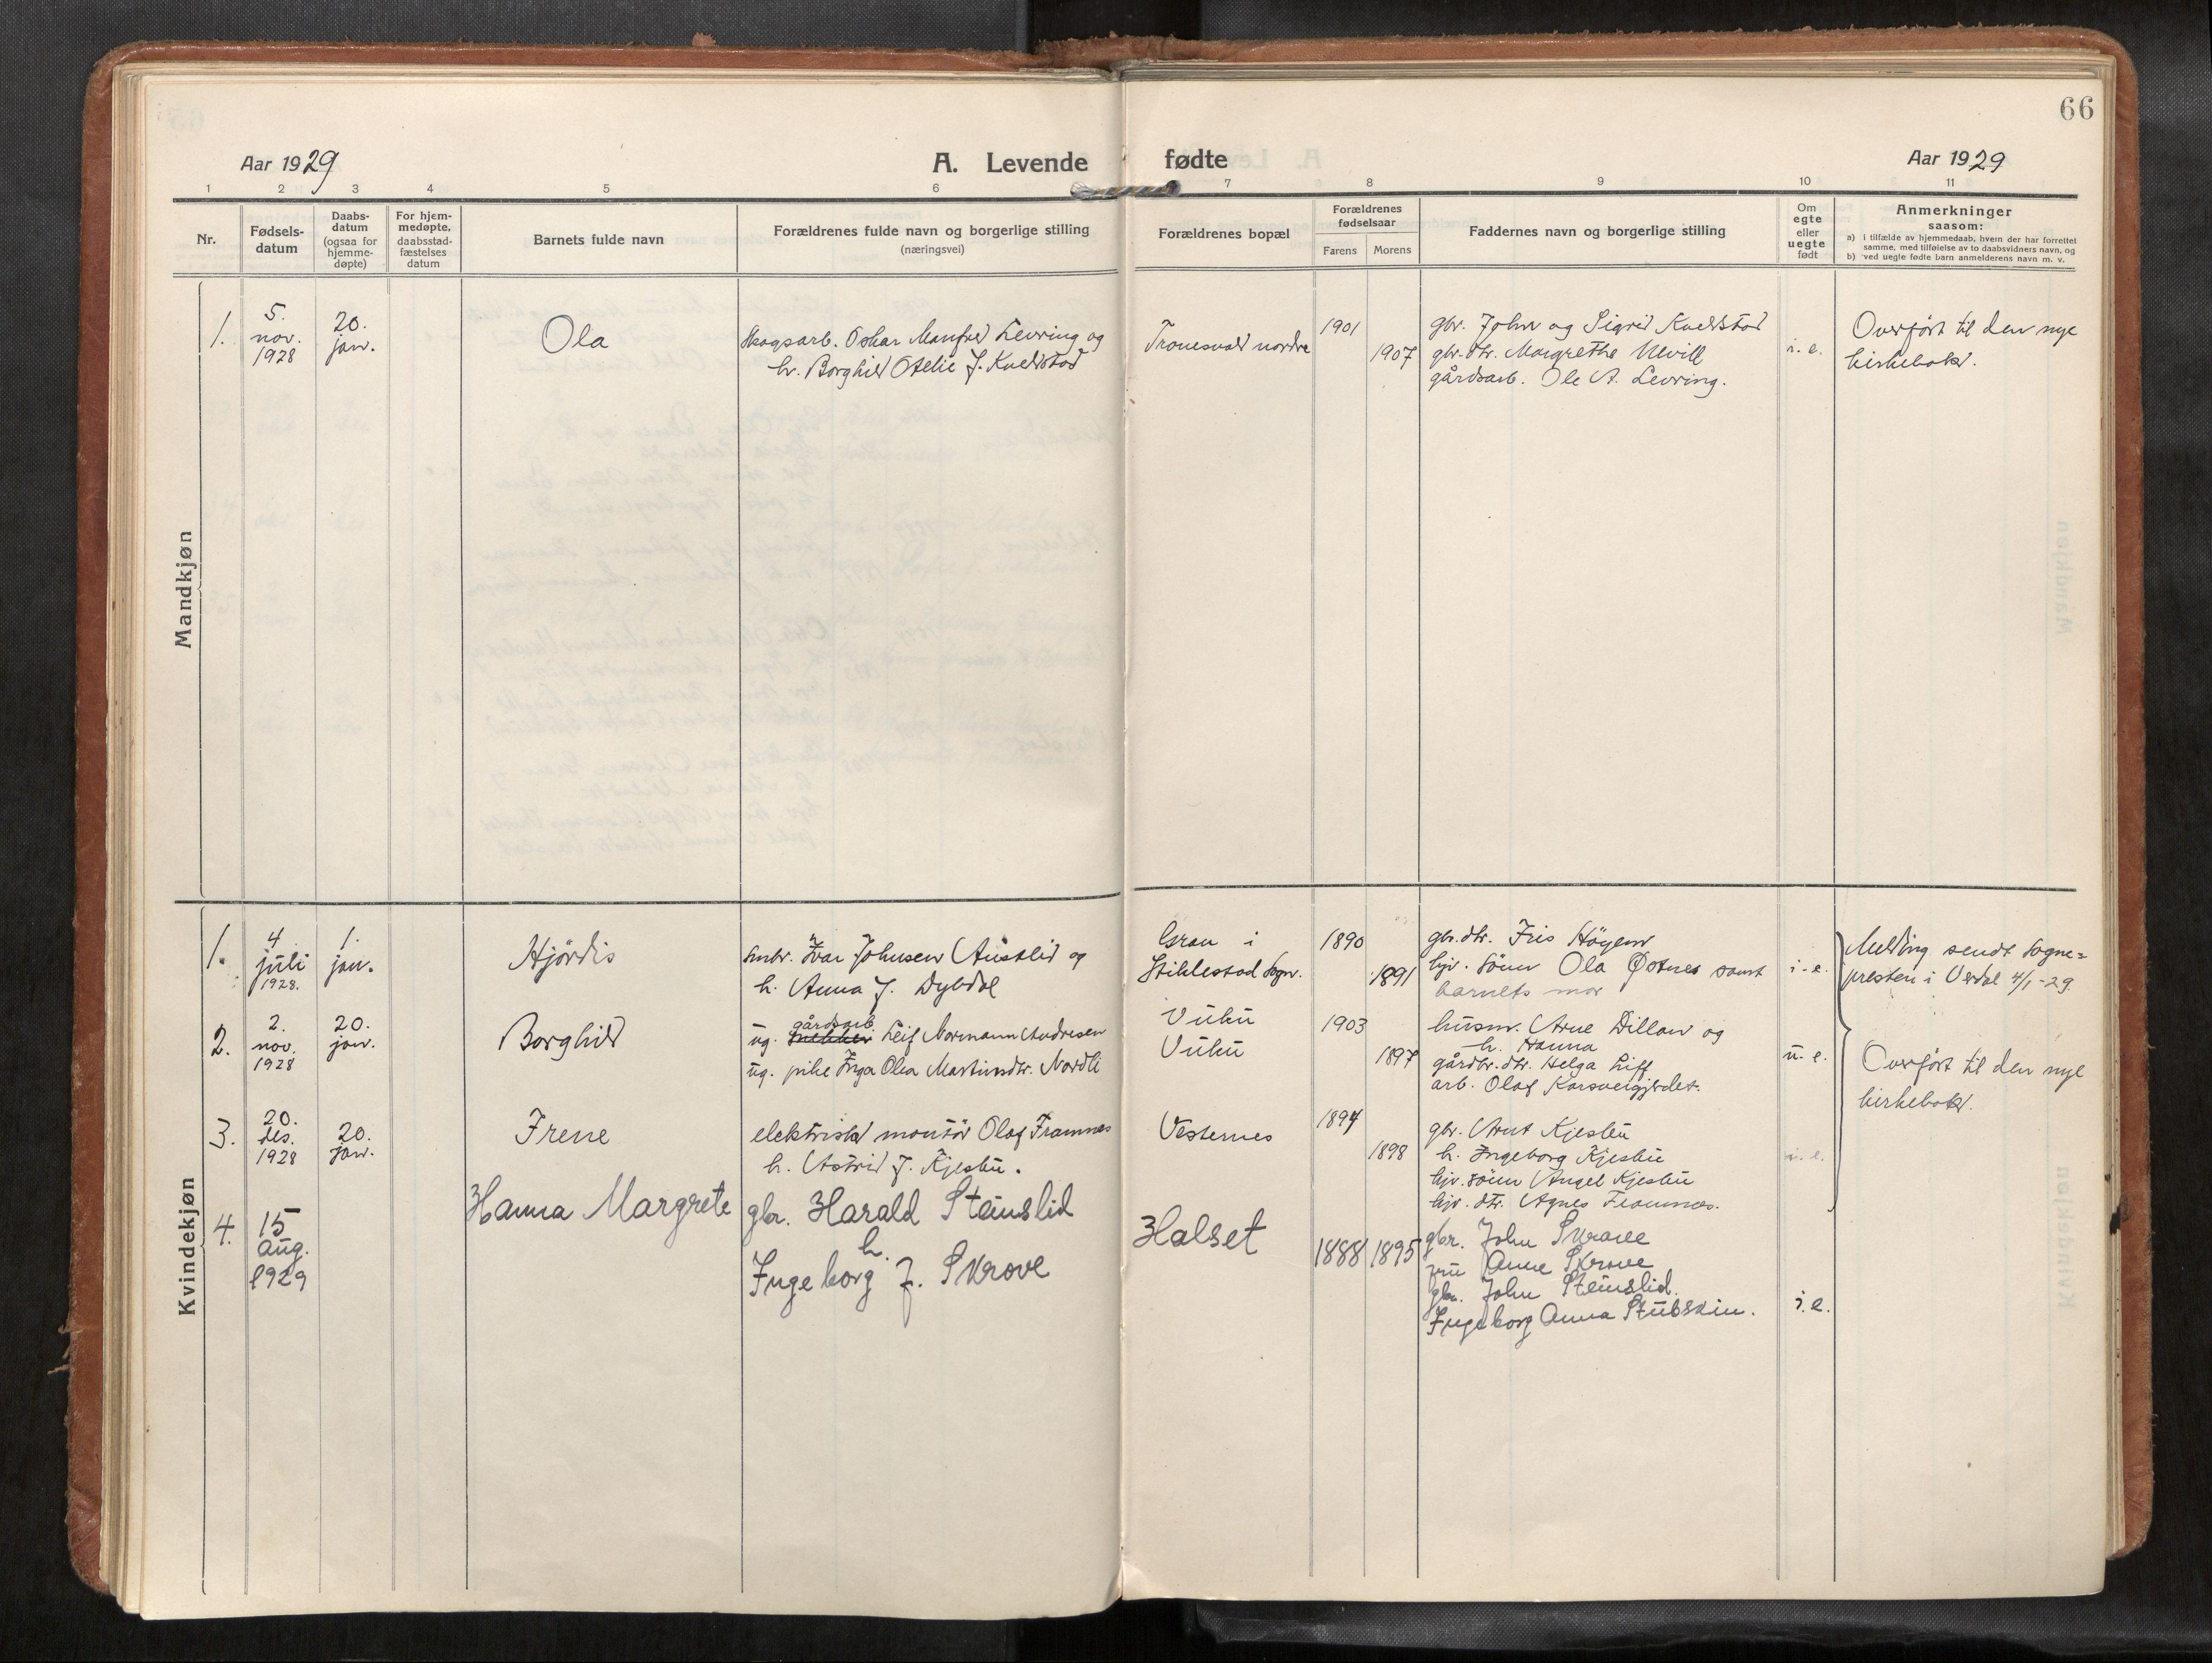 SAT, Verdal sokneprestkontor*, Parish register (official) no. 1, 1916-1928, p. 66